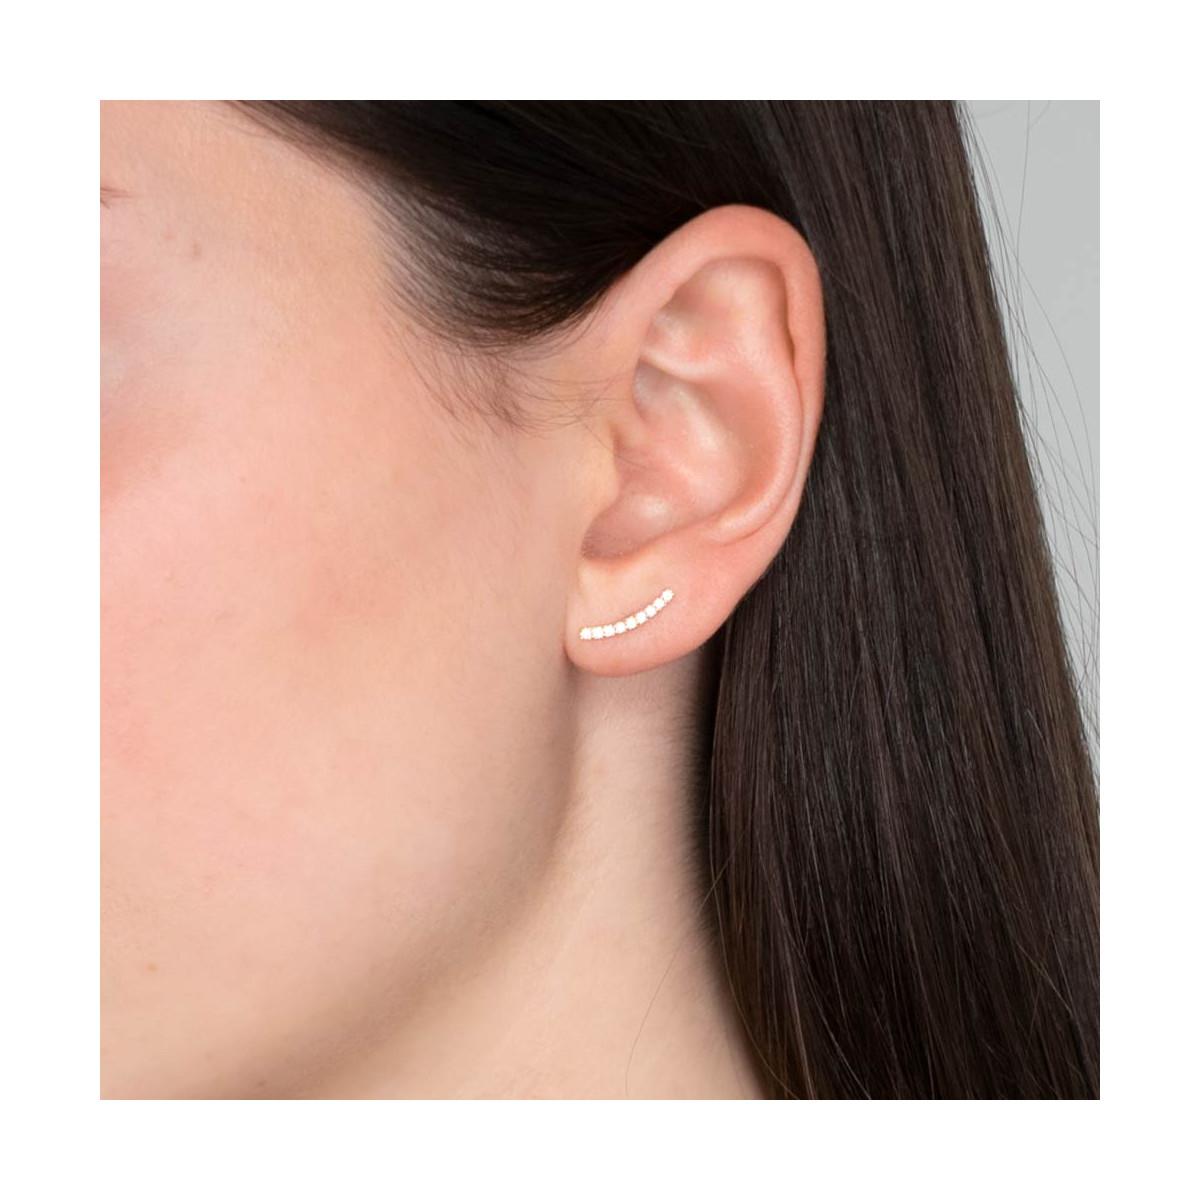 """Boucles d'oreilles grimpantes or jaune et oxydes de zirconium """"Merveille grimpante"""""""